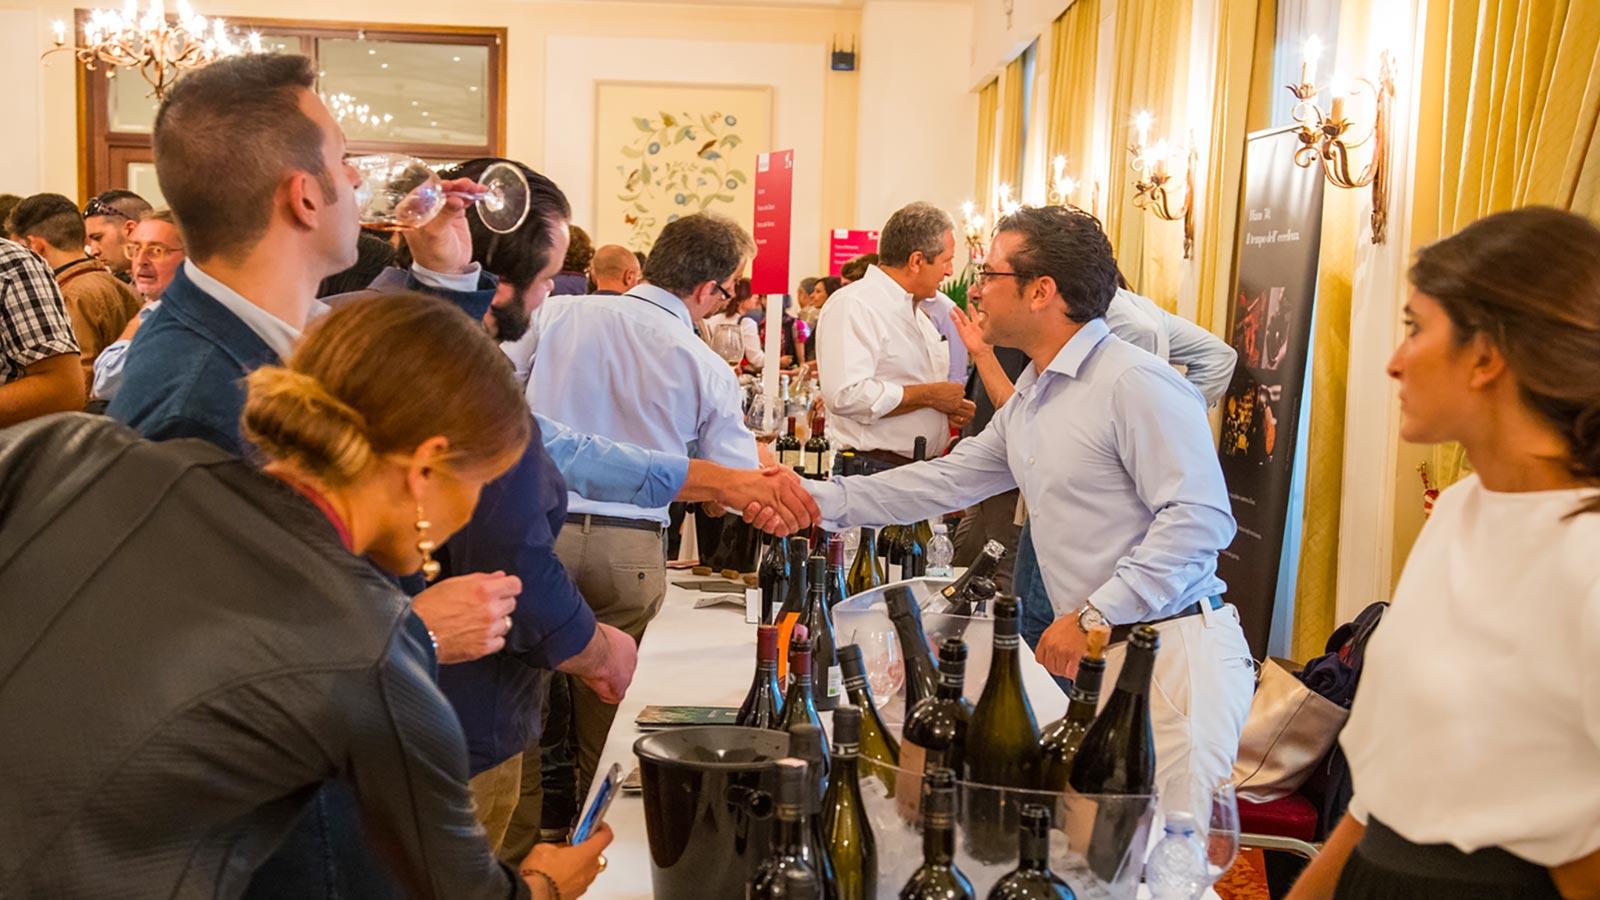 Banco DAssaggio, Wine Event, Hotel Villa Diodoro, Best Events, Prestigious Star Awards 2019